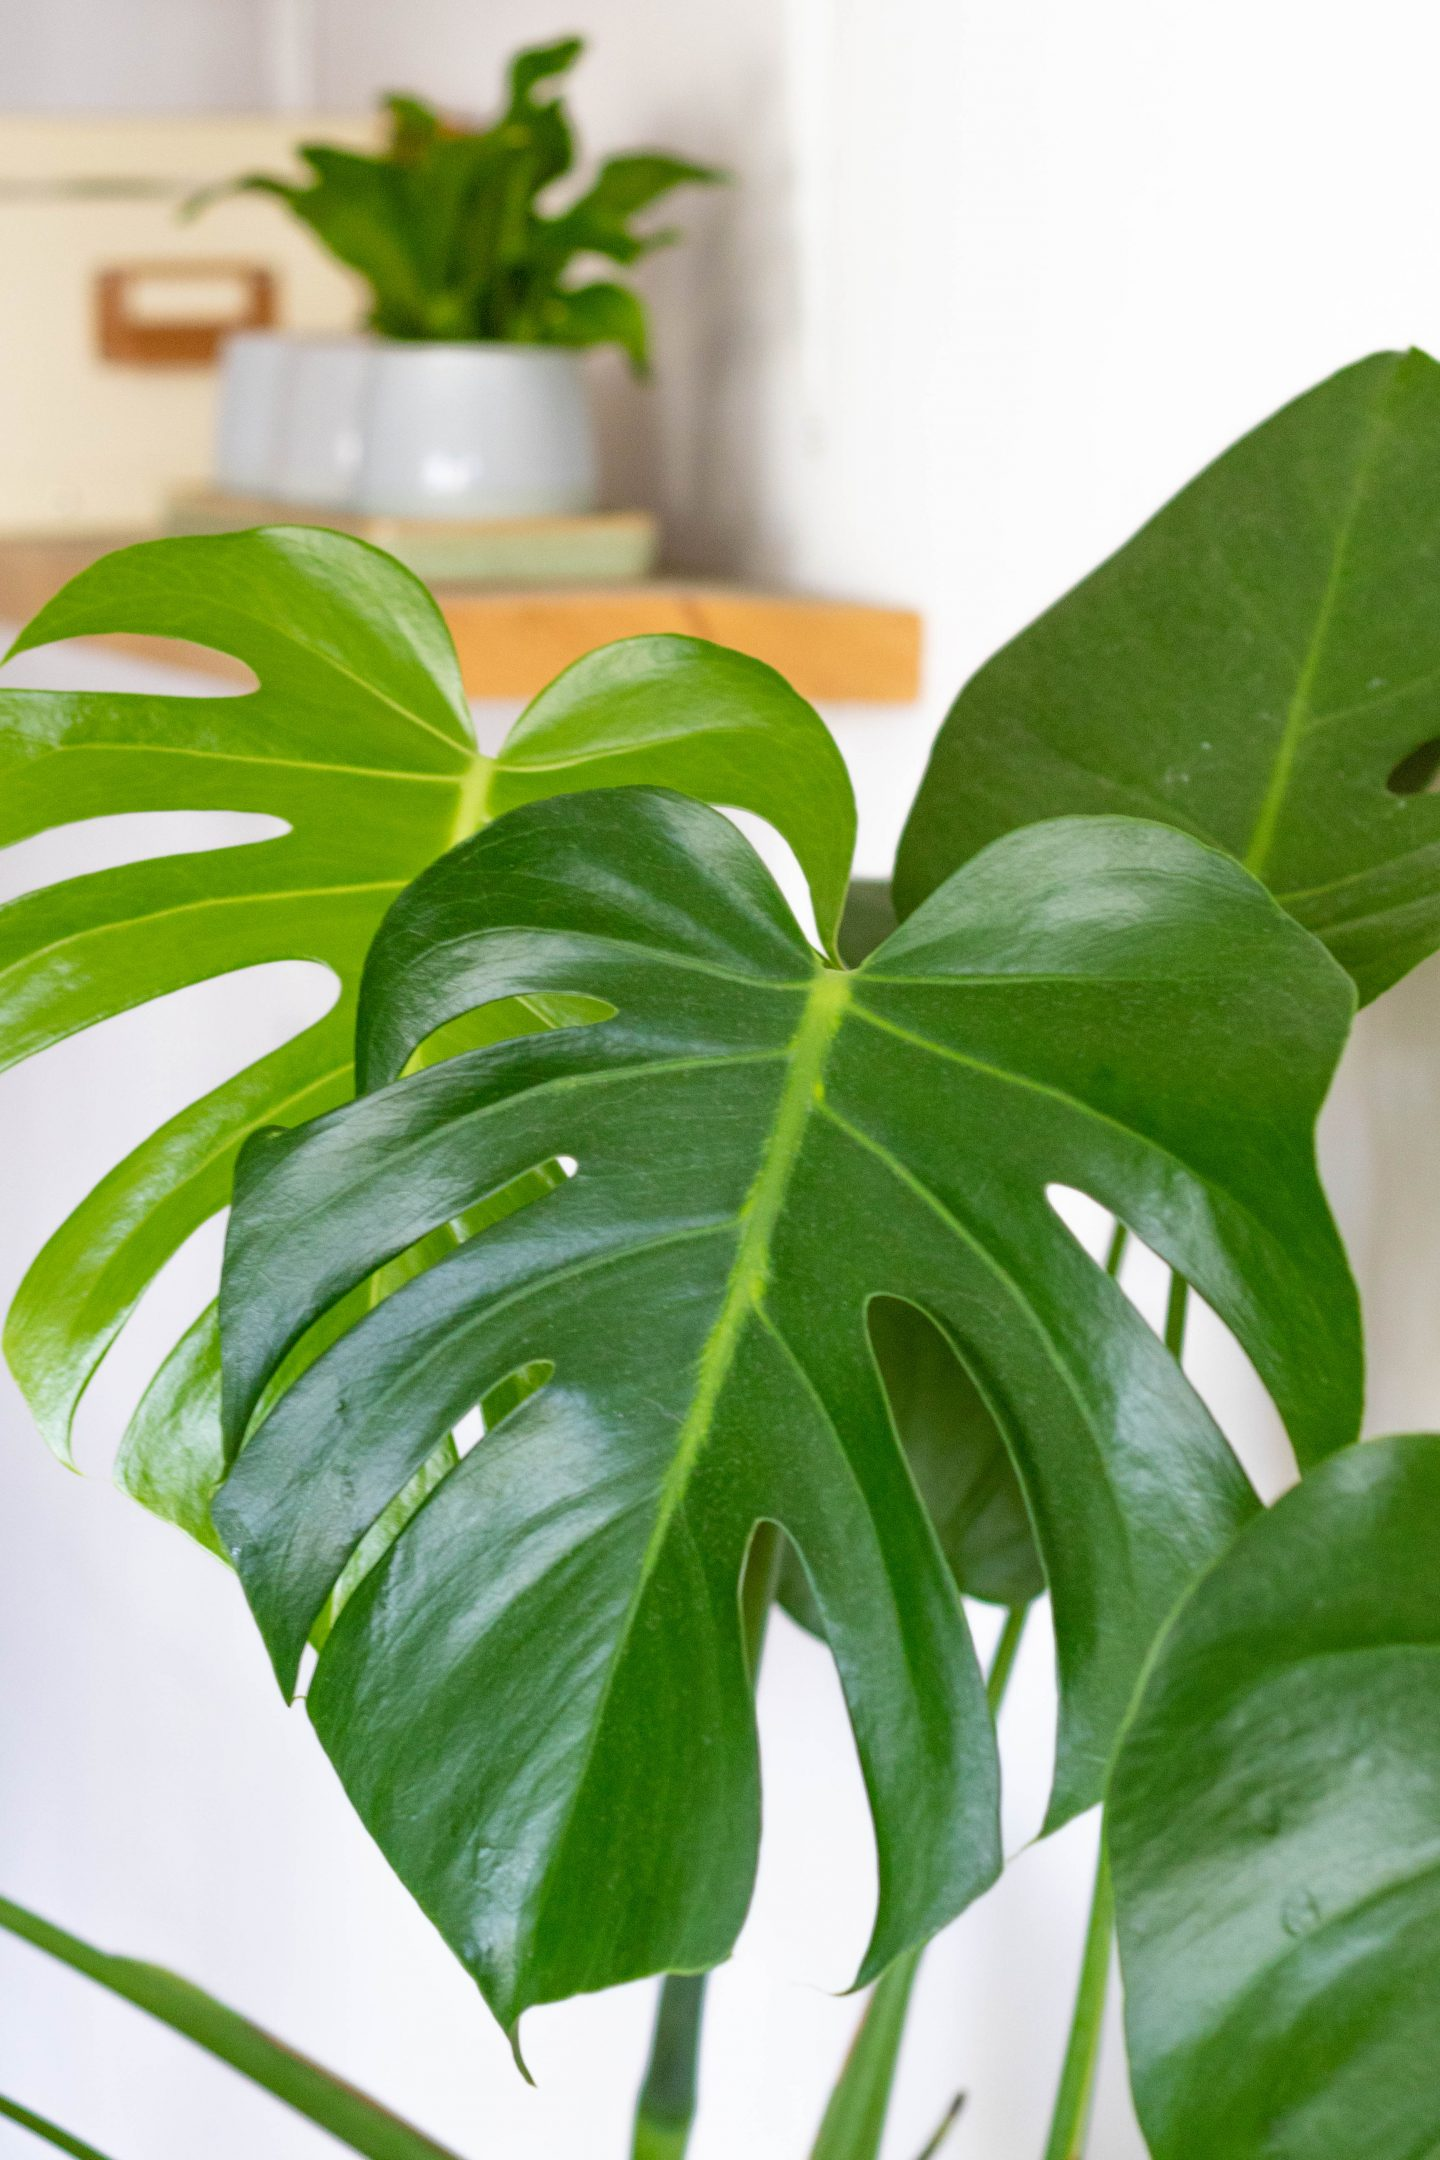 3x wat ik zo leuk vind aan het verzorgen van mijn planten